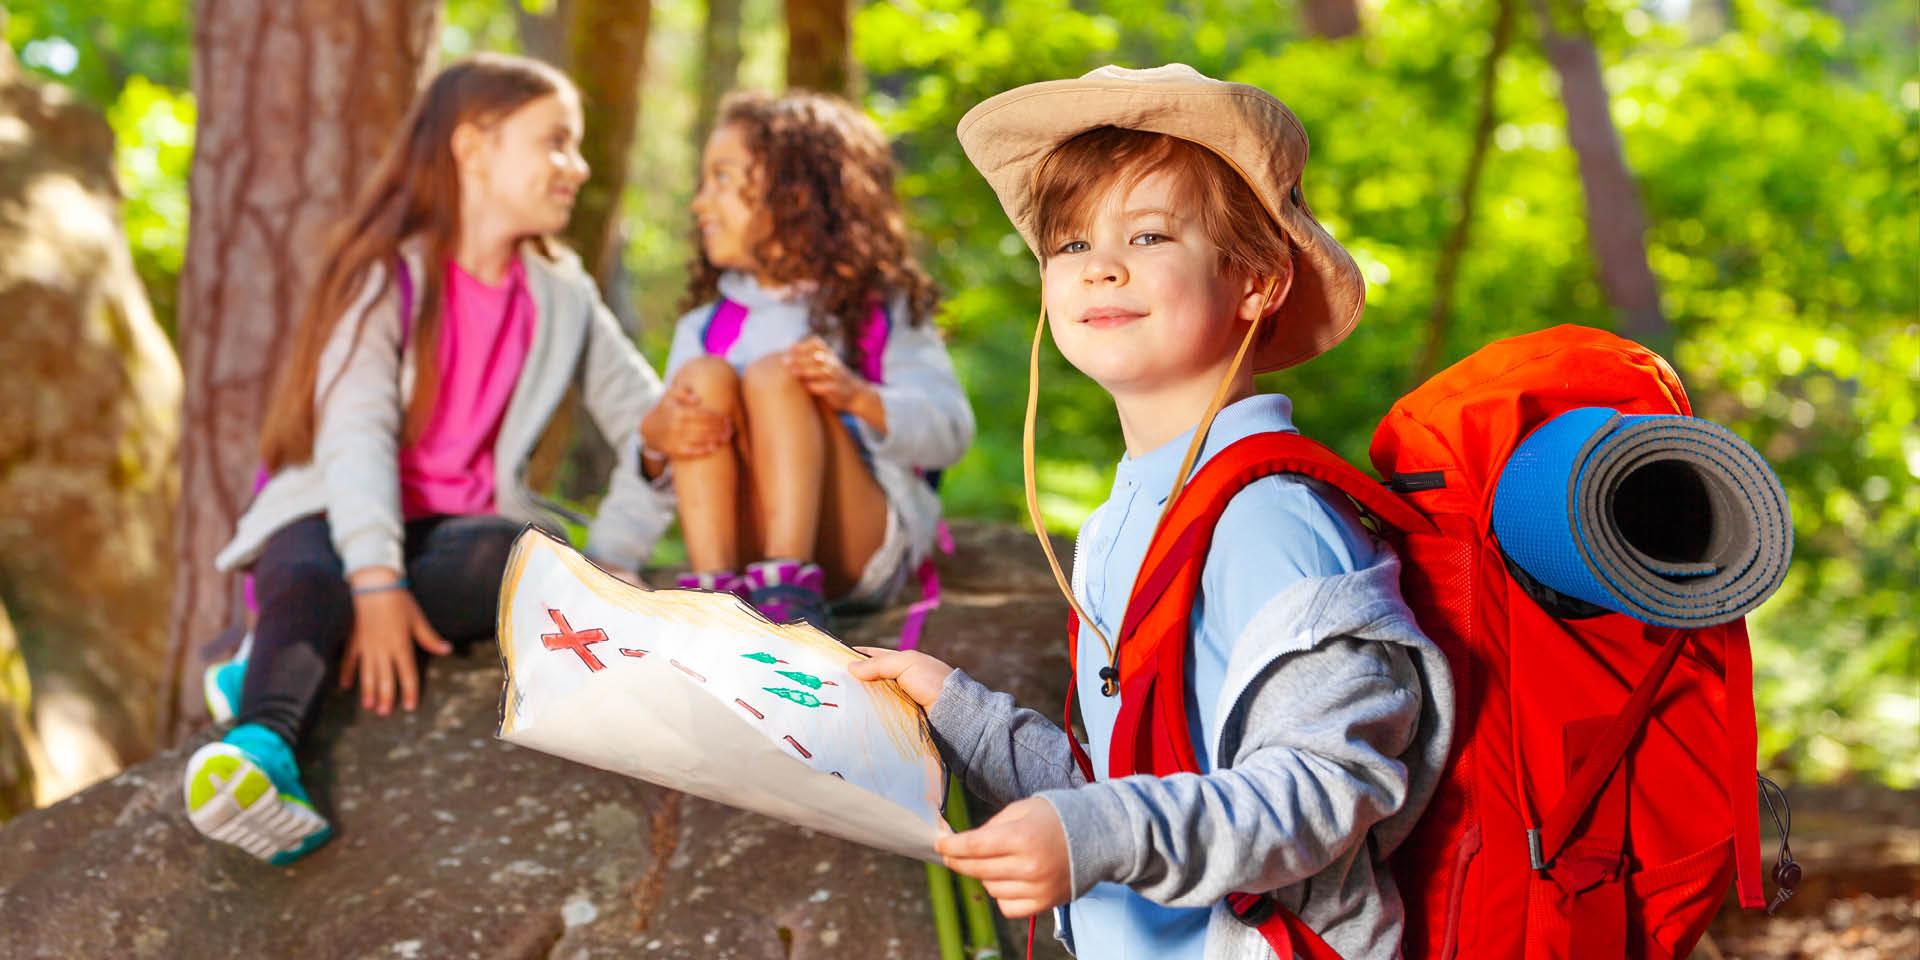 Ein Kind steht in Abenteurer-Ausrüstung und mit einer Schatzkarte im Wald. Hinter ihm sitzen zwei Mädchen auf einem Stein.